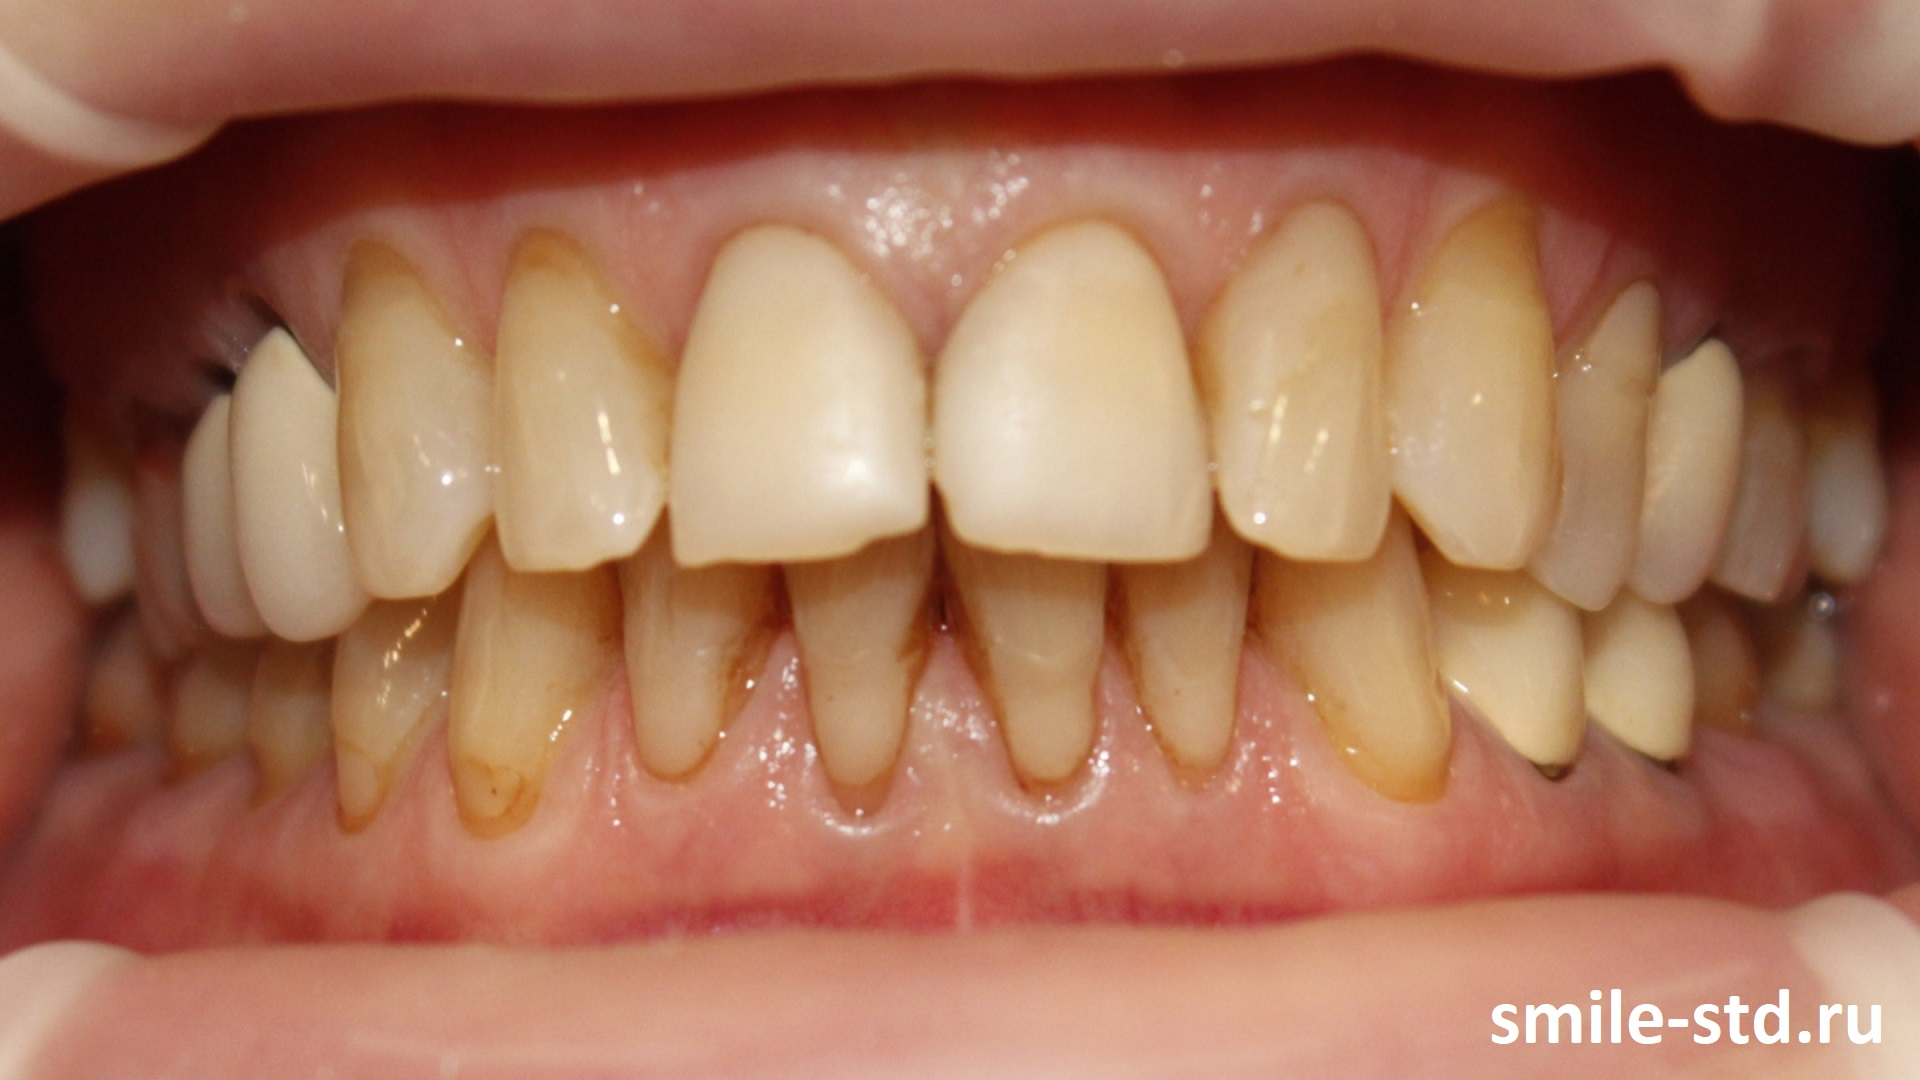 Неправильно установленные металлокерамические коронки серьезно нарушили прикус и привели к разрушению зубов. Пациент клиники Smile STD, Москва